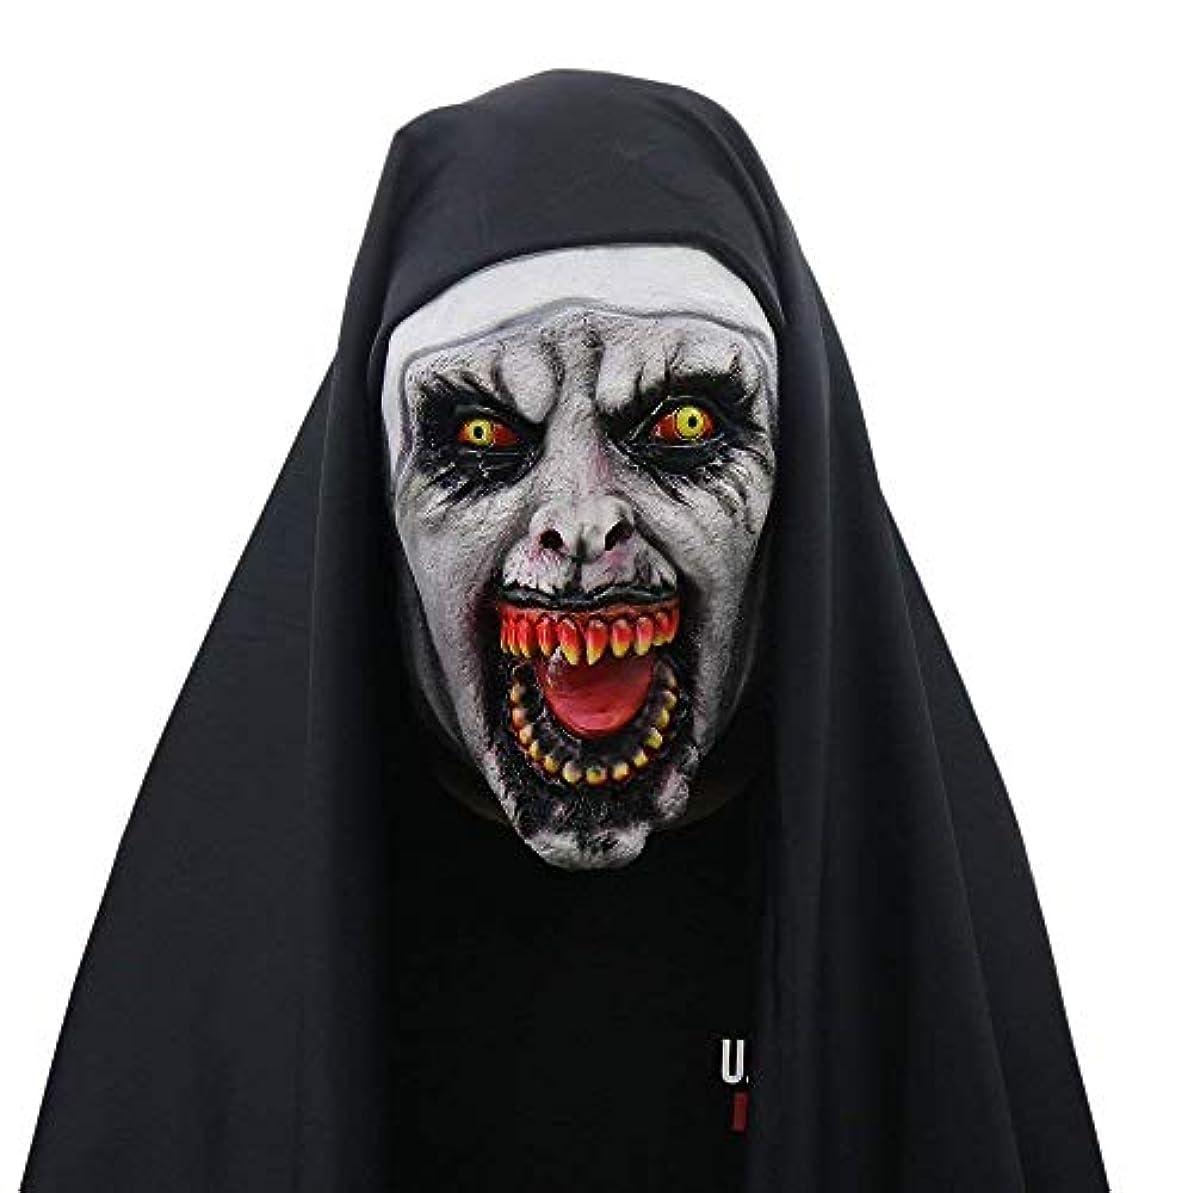 変形にはまって被るハロウィン修道女マスク、ホラー怖い女性ゴースト整頓パーティー用品ゾンビマスク27 * 28 cm (Color : B)